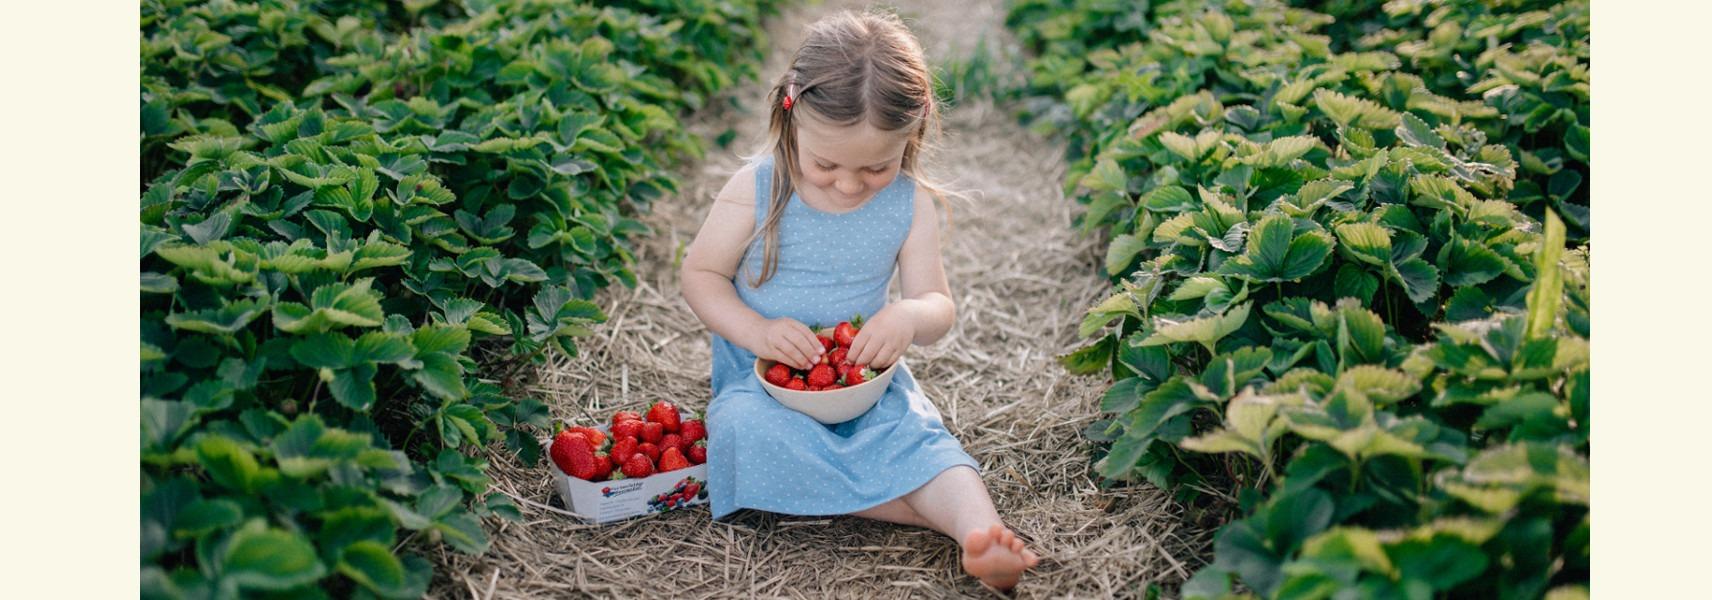 Mädchen sitzt mit voller Erdbeerschale im Erdbeerfeld